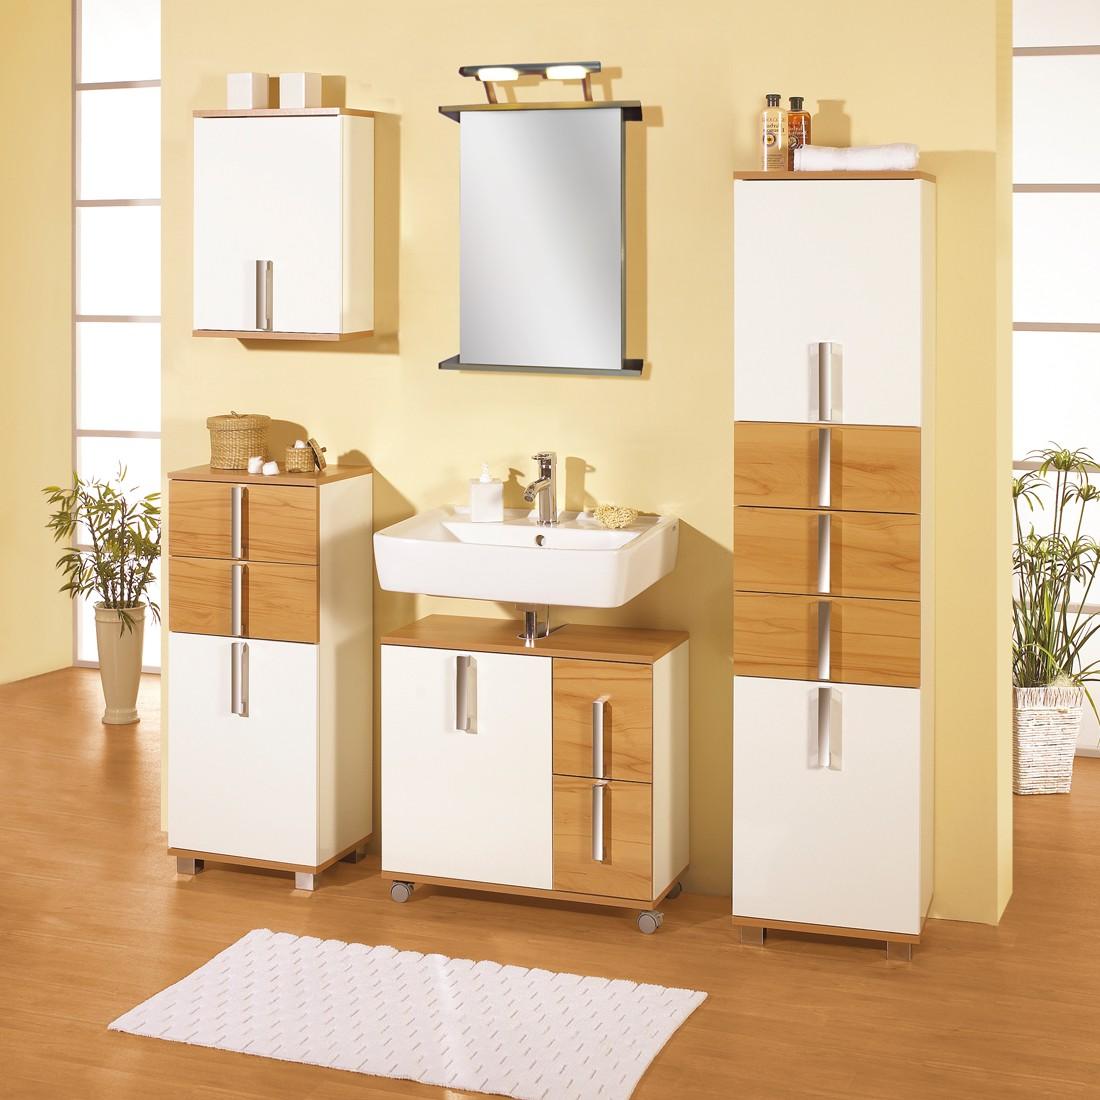 Möbel online günstig kaufen über shop24.at | shop24